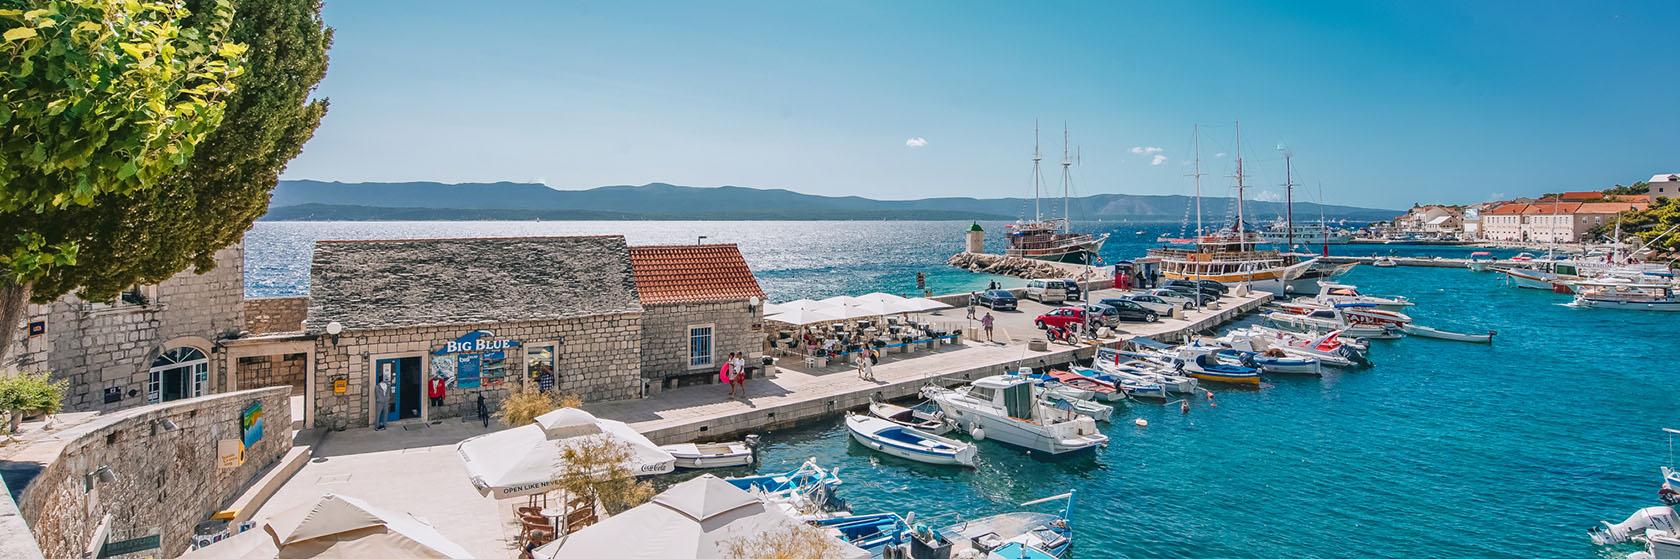 Vacker hamn med båtar i Kroatien